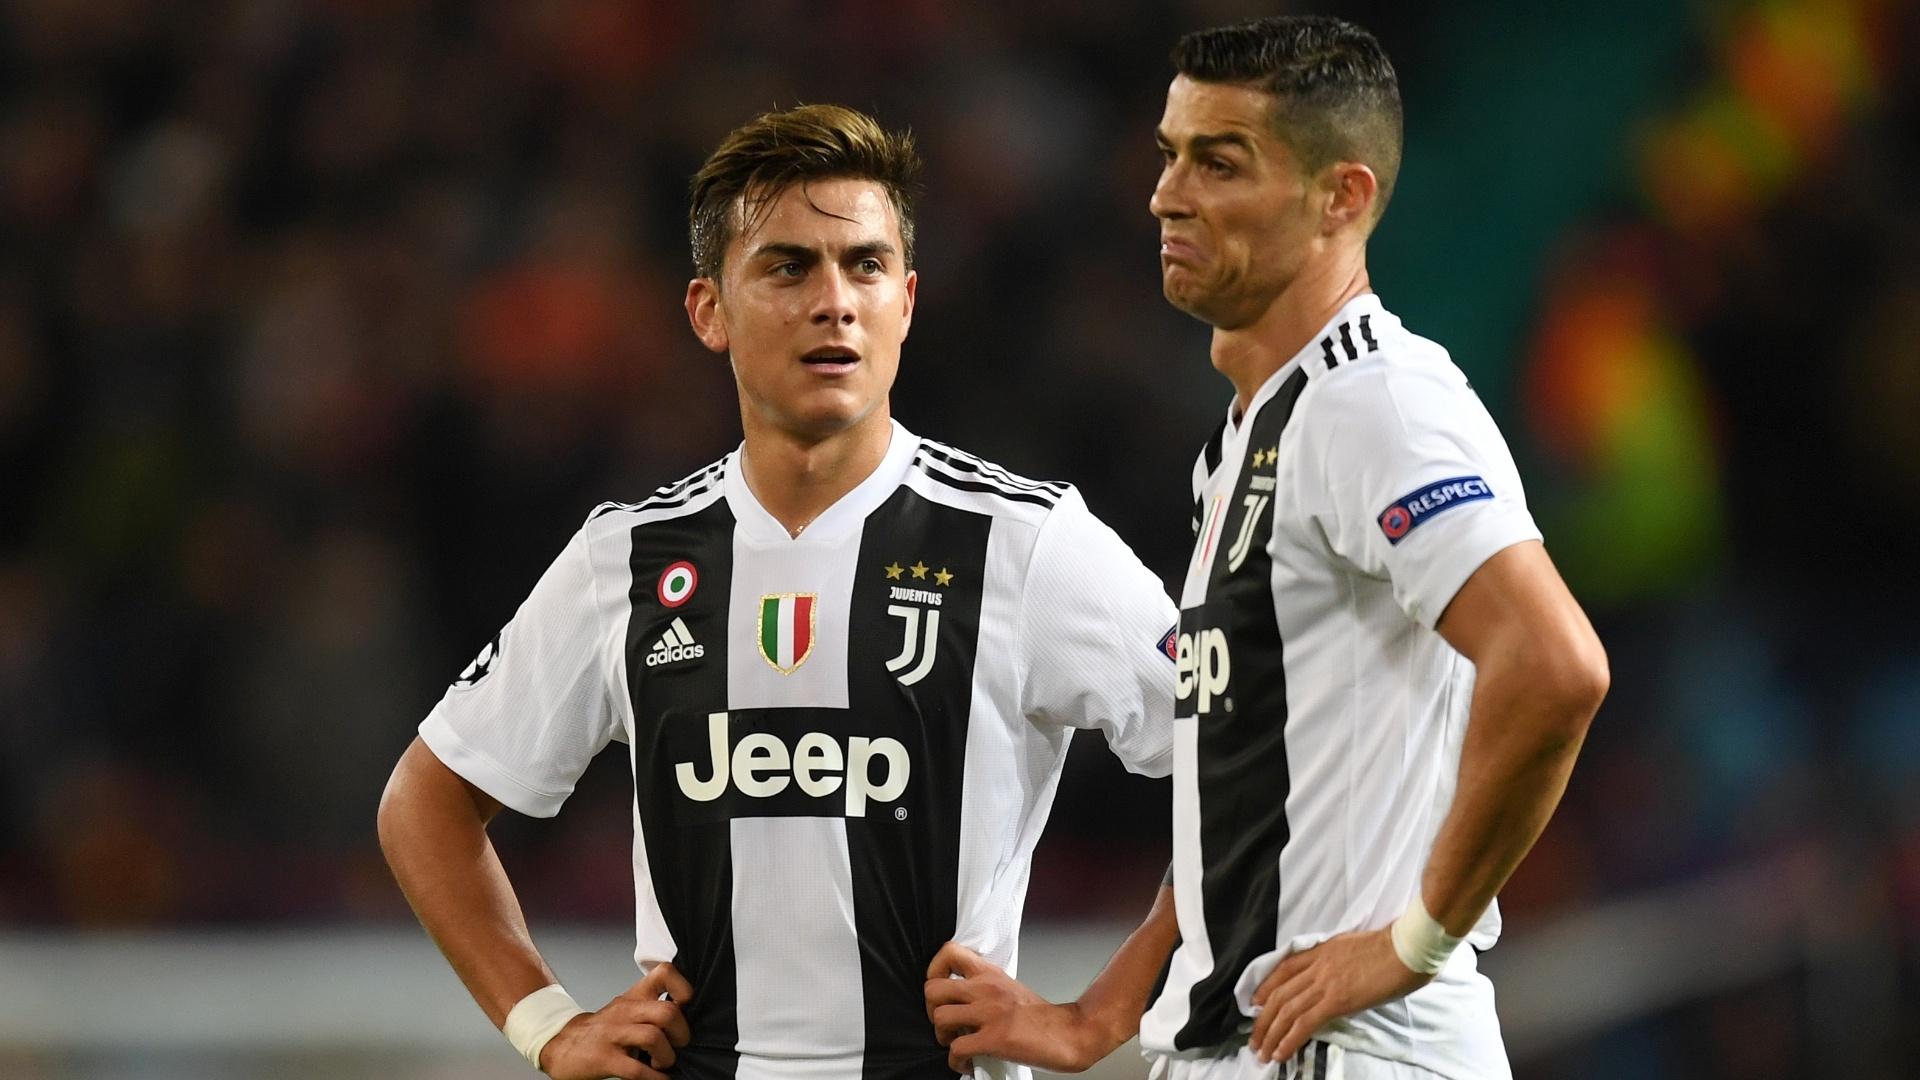 4ff6741207 Cristiano Ronaldo e Paulo Dybala durante a partida contra o Manchester  United pela Liga dos Campeões